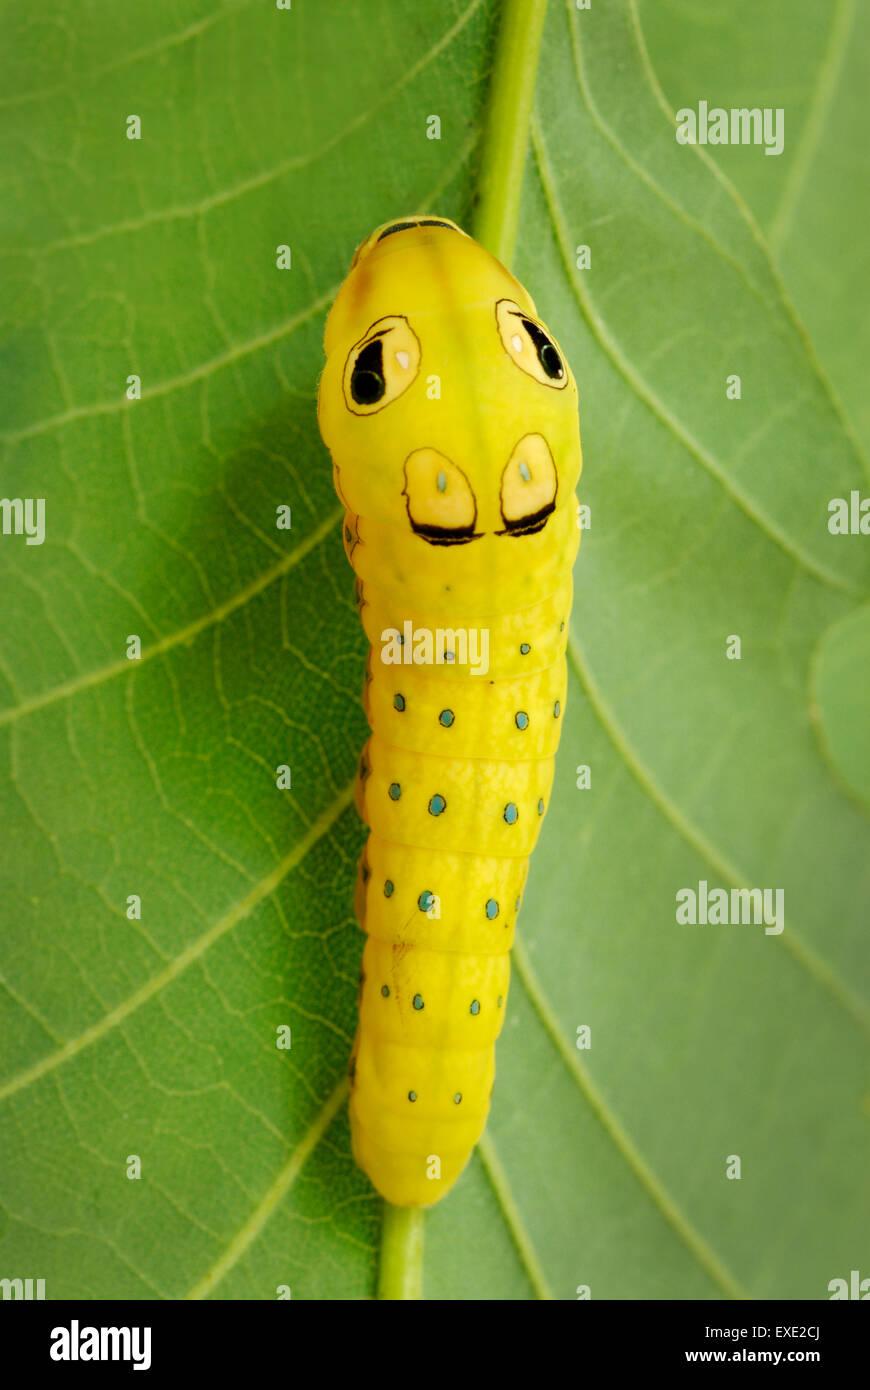 Spicebush Schwalbenschwanz Papilio Troilus, Raupe im letzten prepupal Instar.  Schlange zu imitieren, mit gefälschten Stockbild